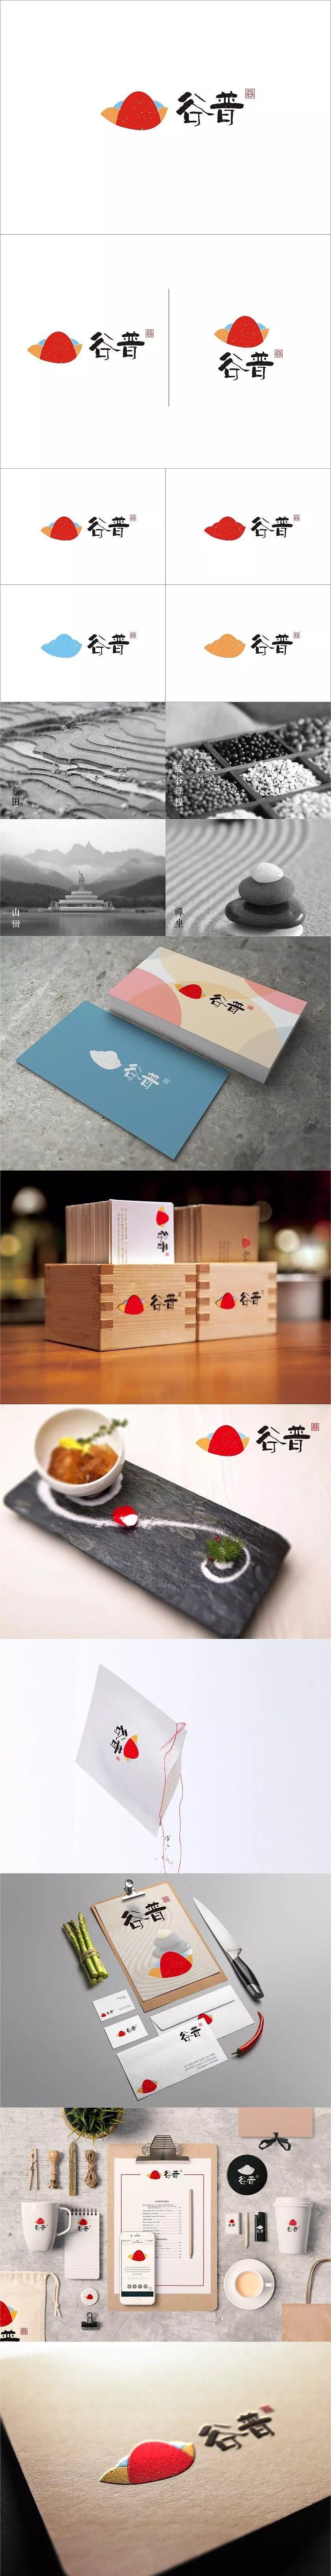 品深设计:安徽芜湖谷普酒店标志升级设计